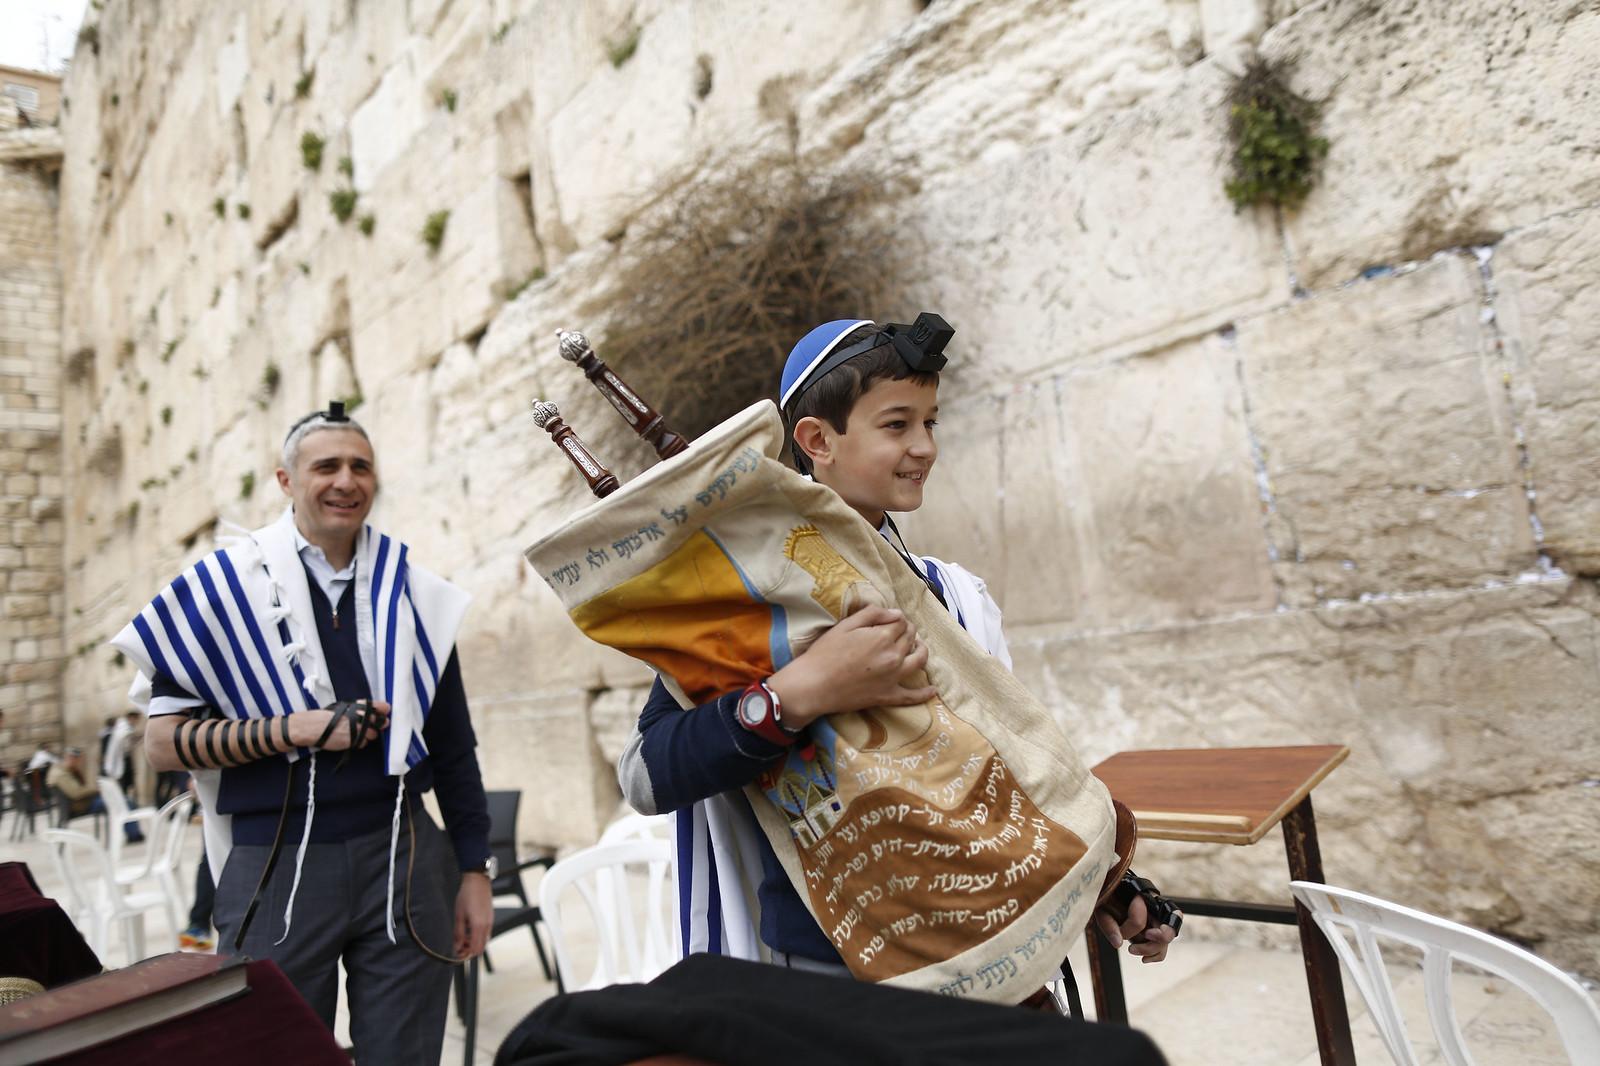 Bar Mitzvah_22_Jerusalem_Y9A9779_Yonatan Sindel_Flash 90_IMOT